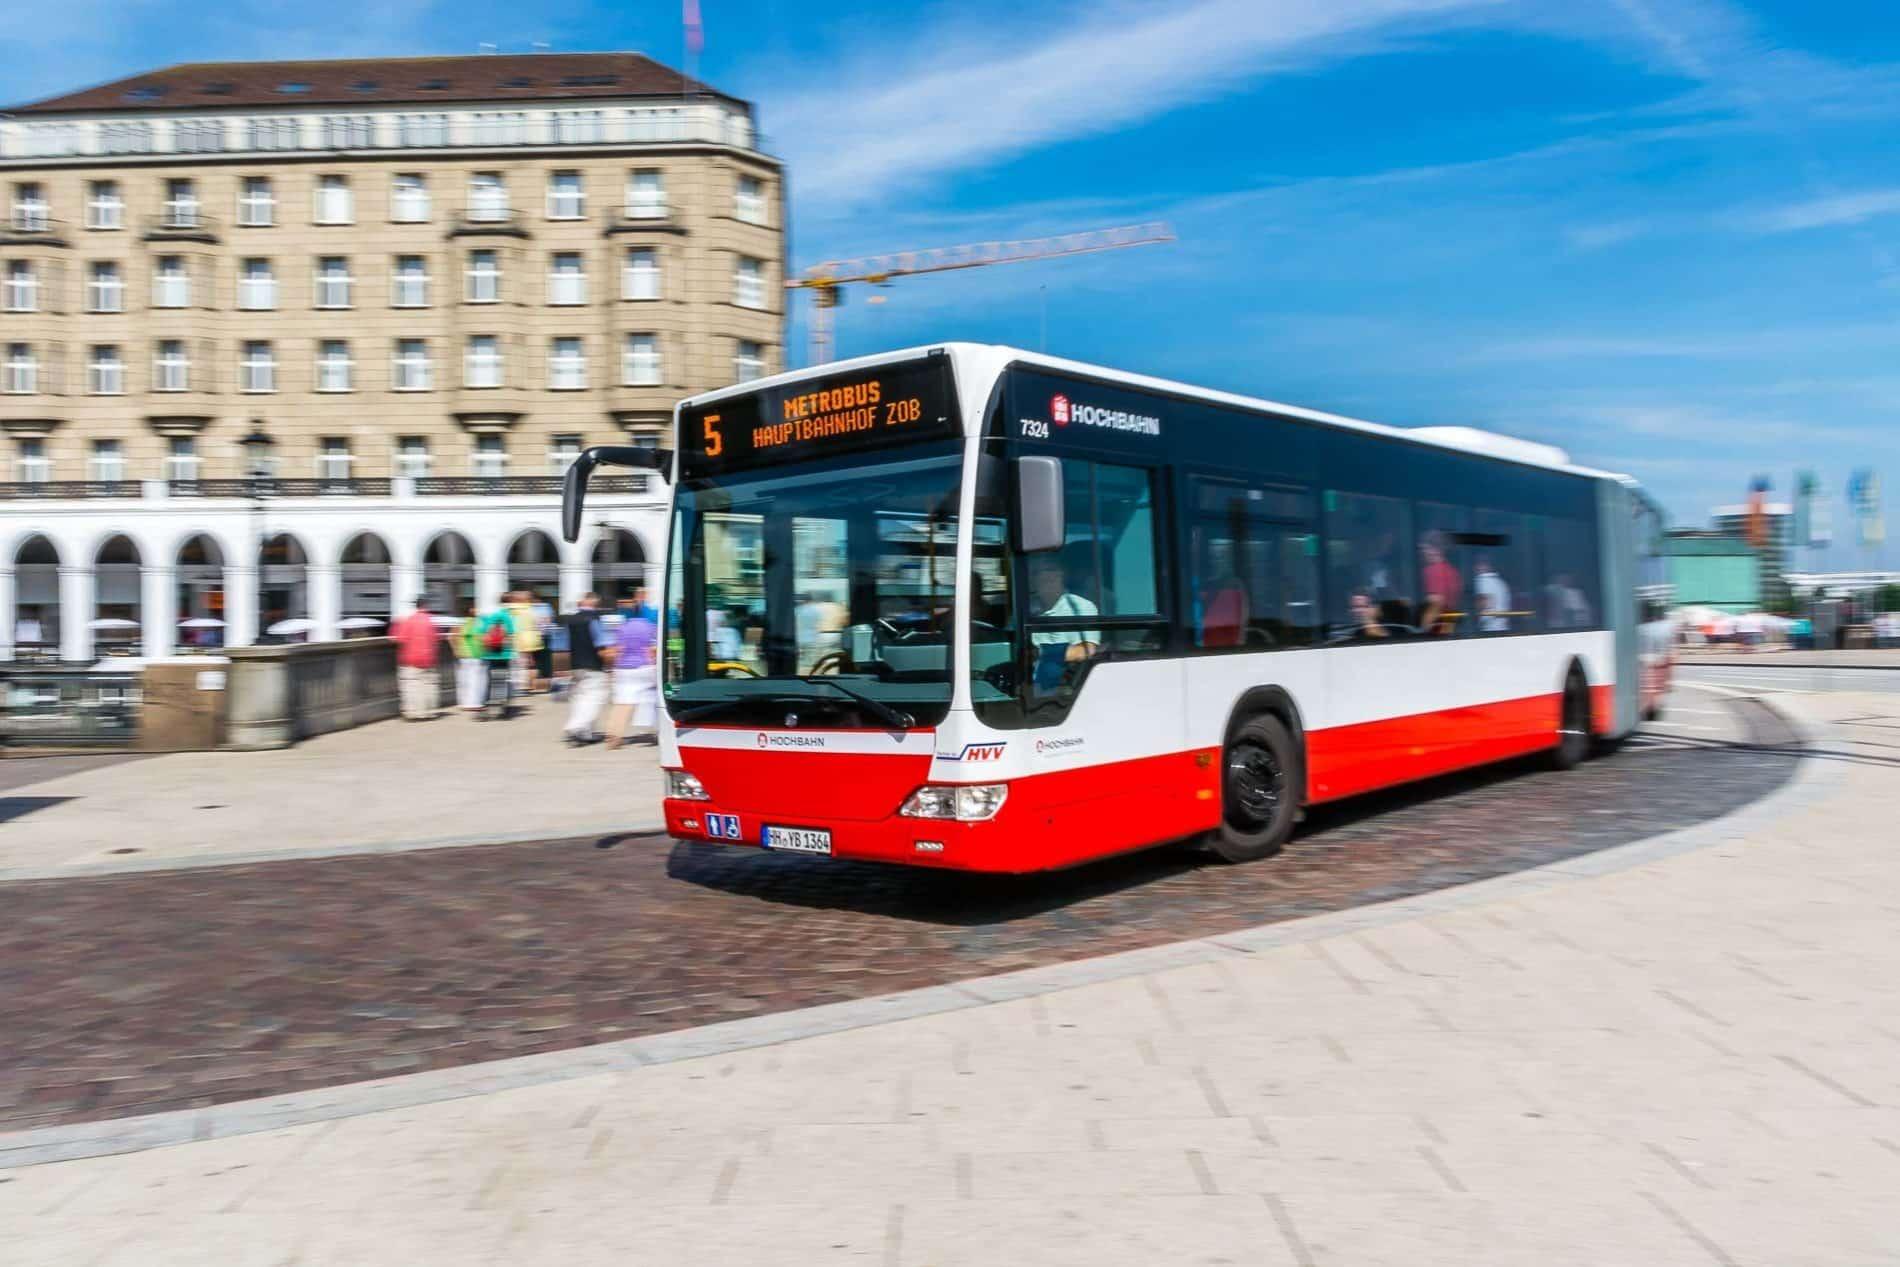 Metrobus derLinie M5 am Jungfernstieg (Alsterarcarden) in Hamburg